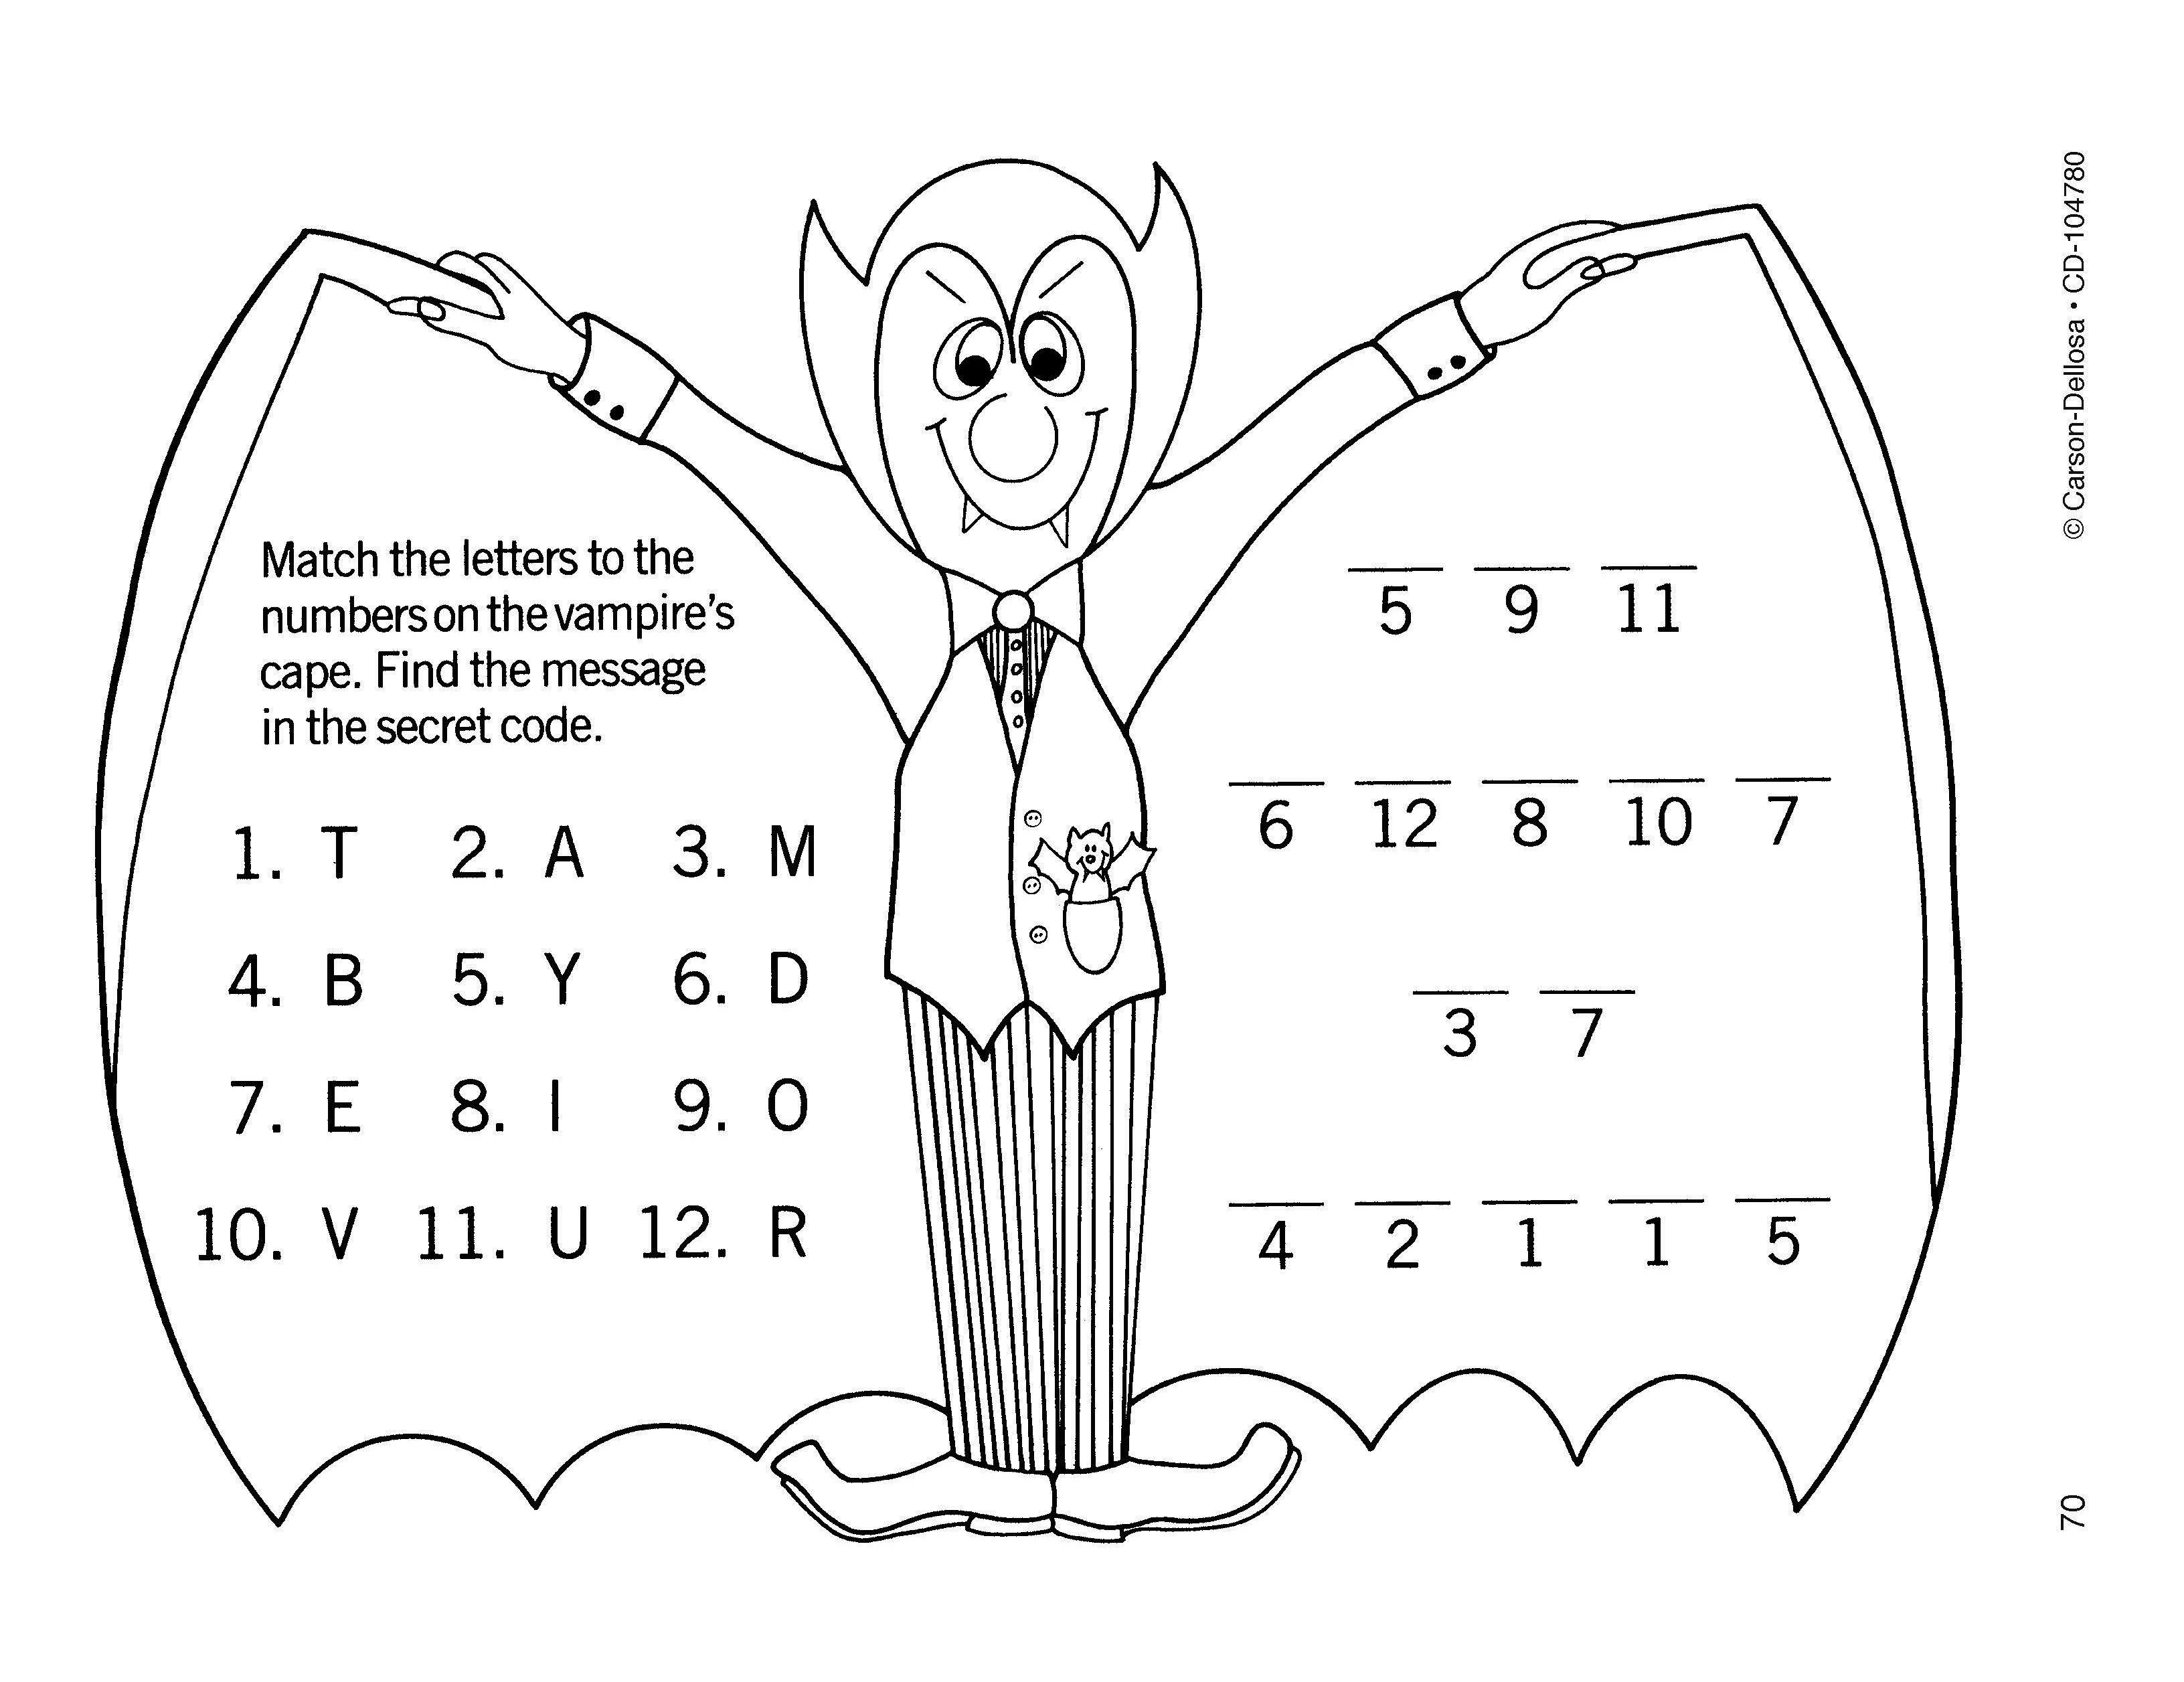 Dracula Secret Code